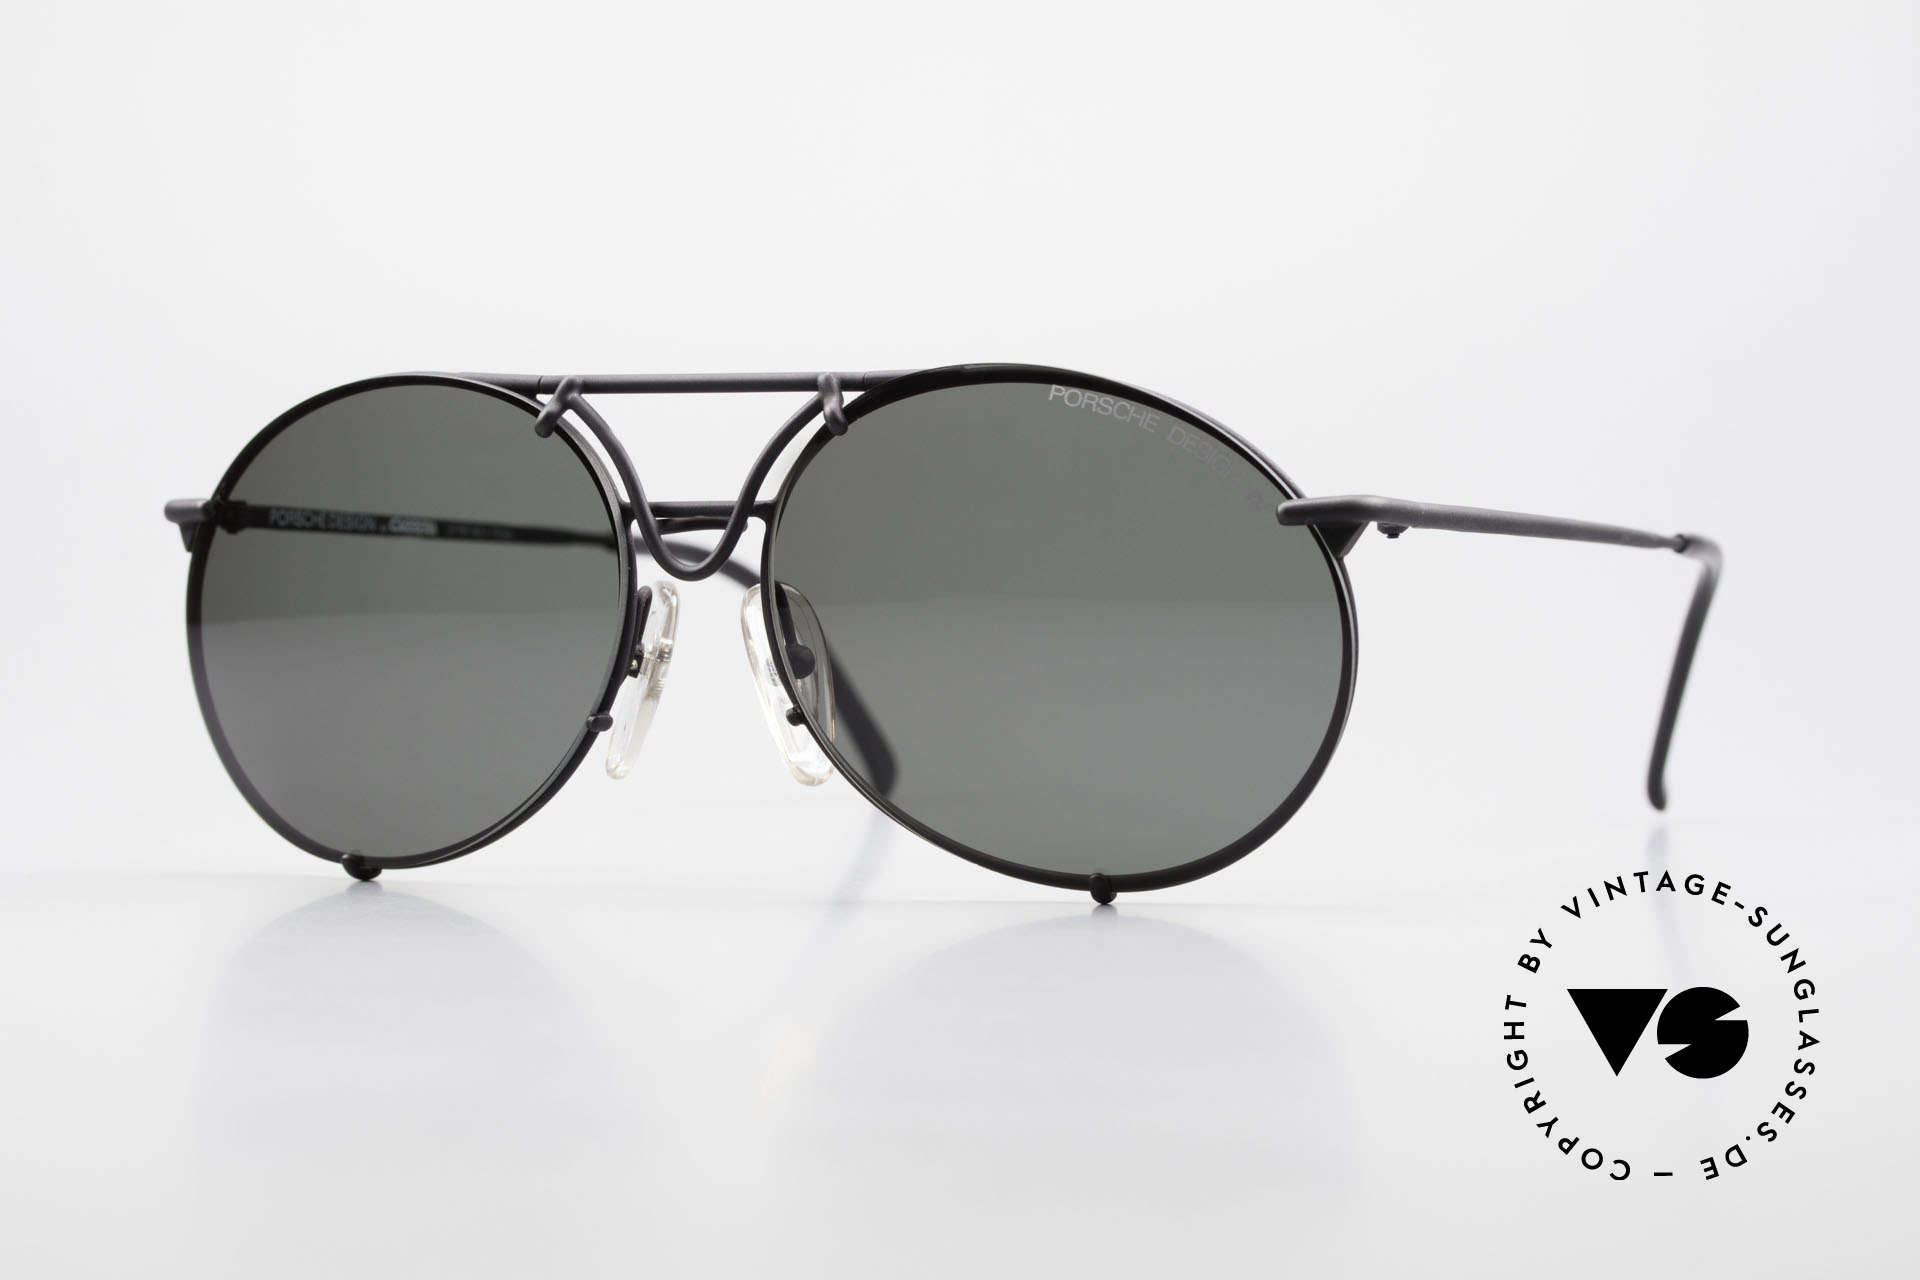 Porsche 5661 Echte 90er Sonnenbrille Rund, ungetragen mit zwei unterschiedlichen Wechselgläsern, Passend für Herren und Damen